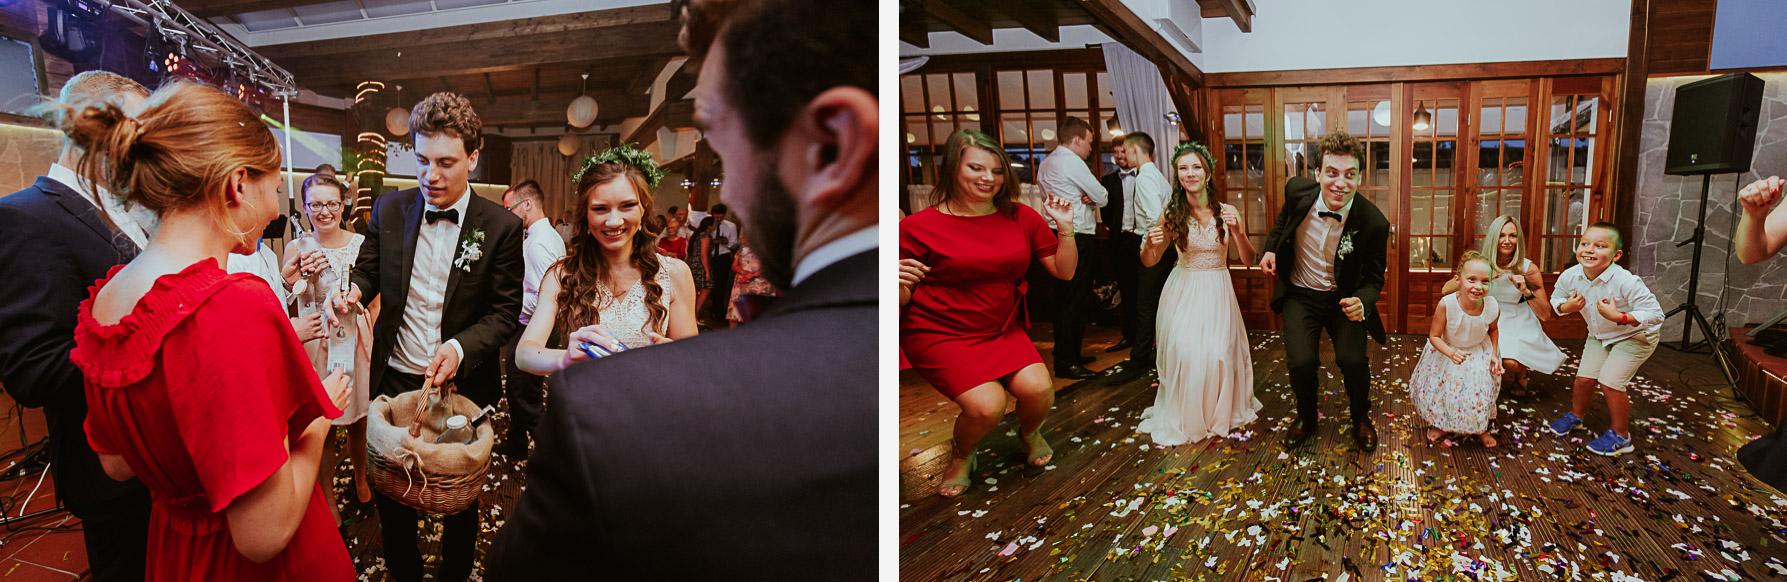 Zdjęcia Ślubne Racibórz 089 a14